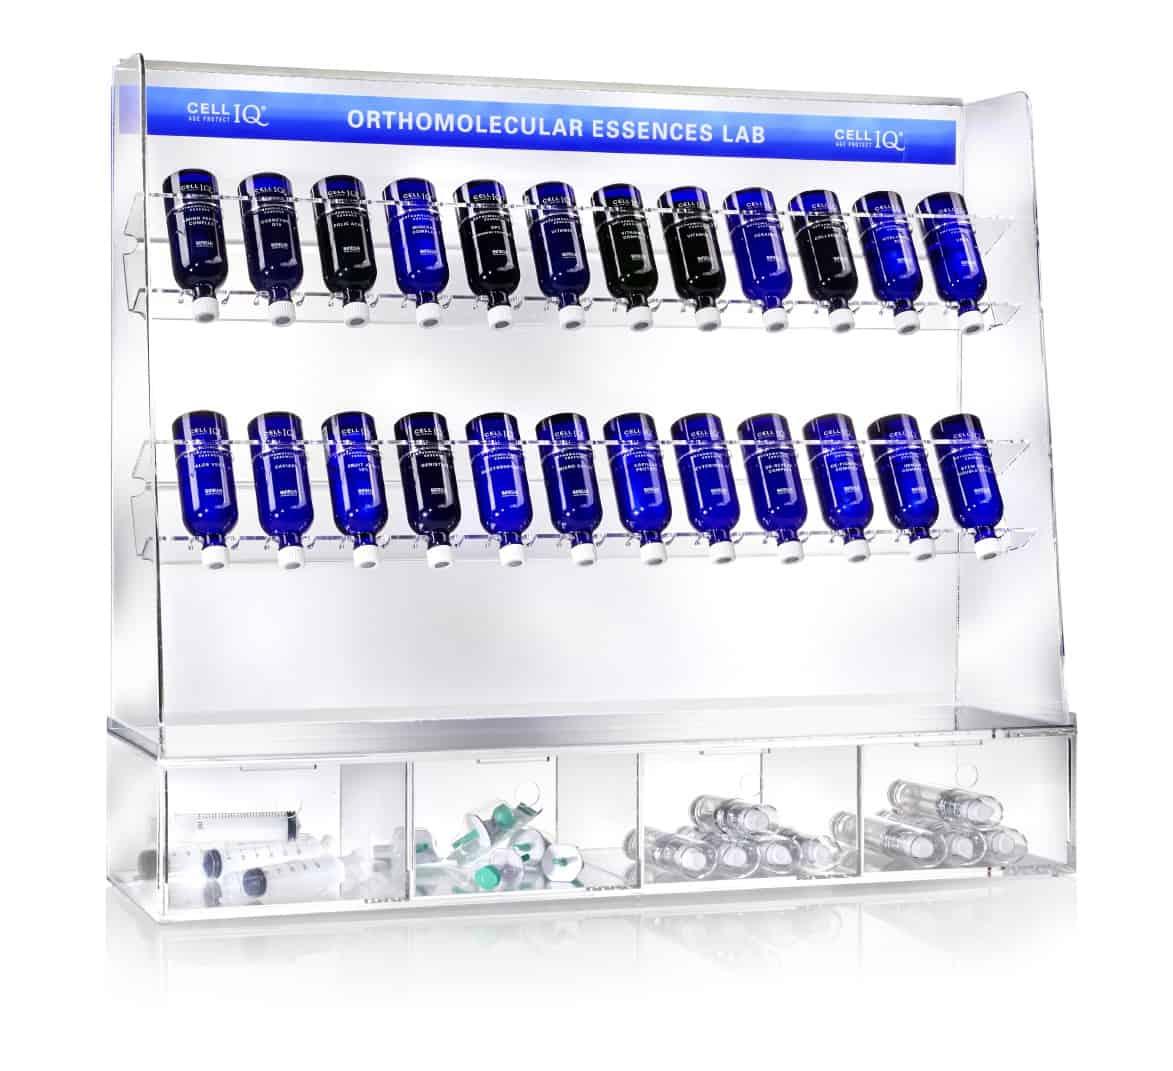 Cell IQ activos cosméticos ortomoleculares laboratorio belium medical gijon piel rejuvenecimiento belleza natural